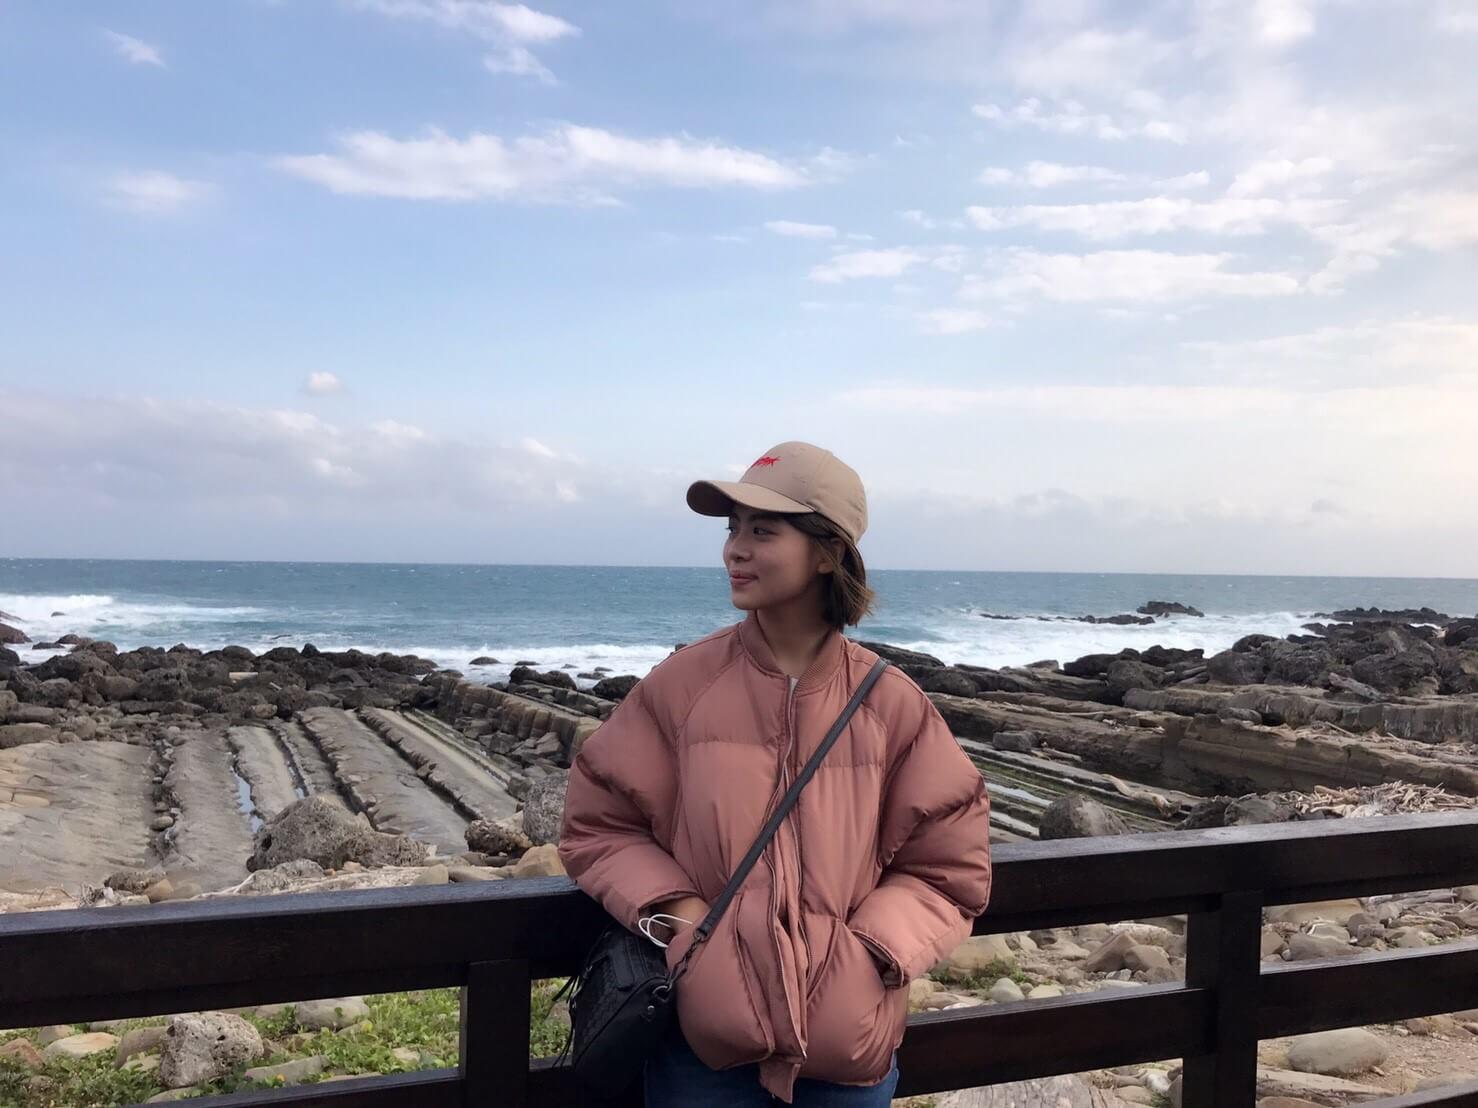 小野柳有超酷的天然地形景觀!Photographer / Penny